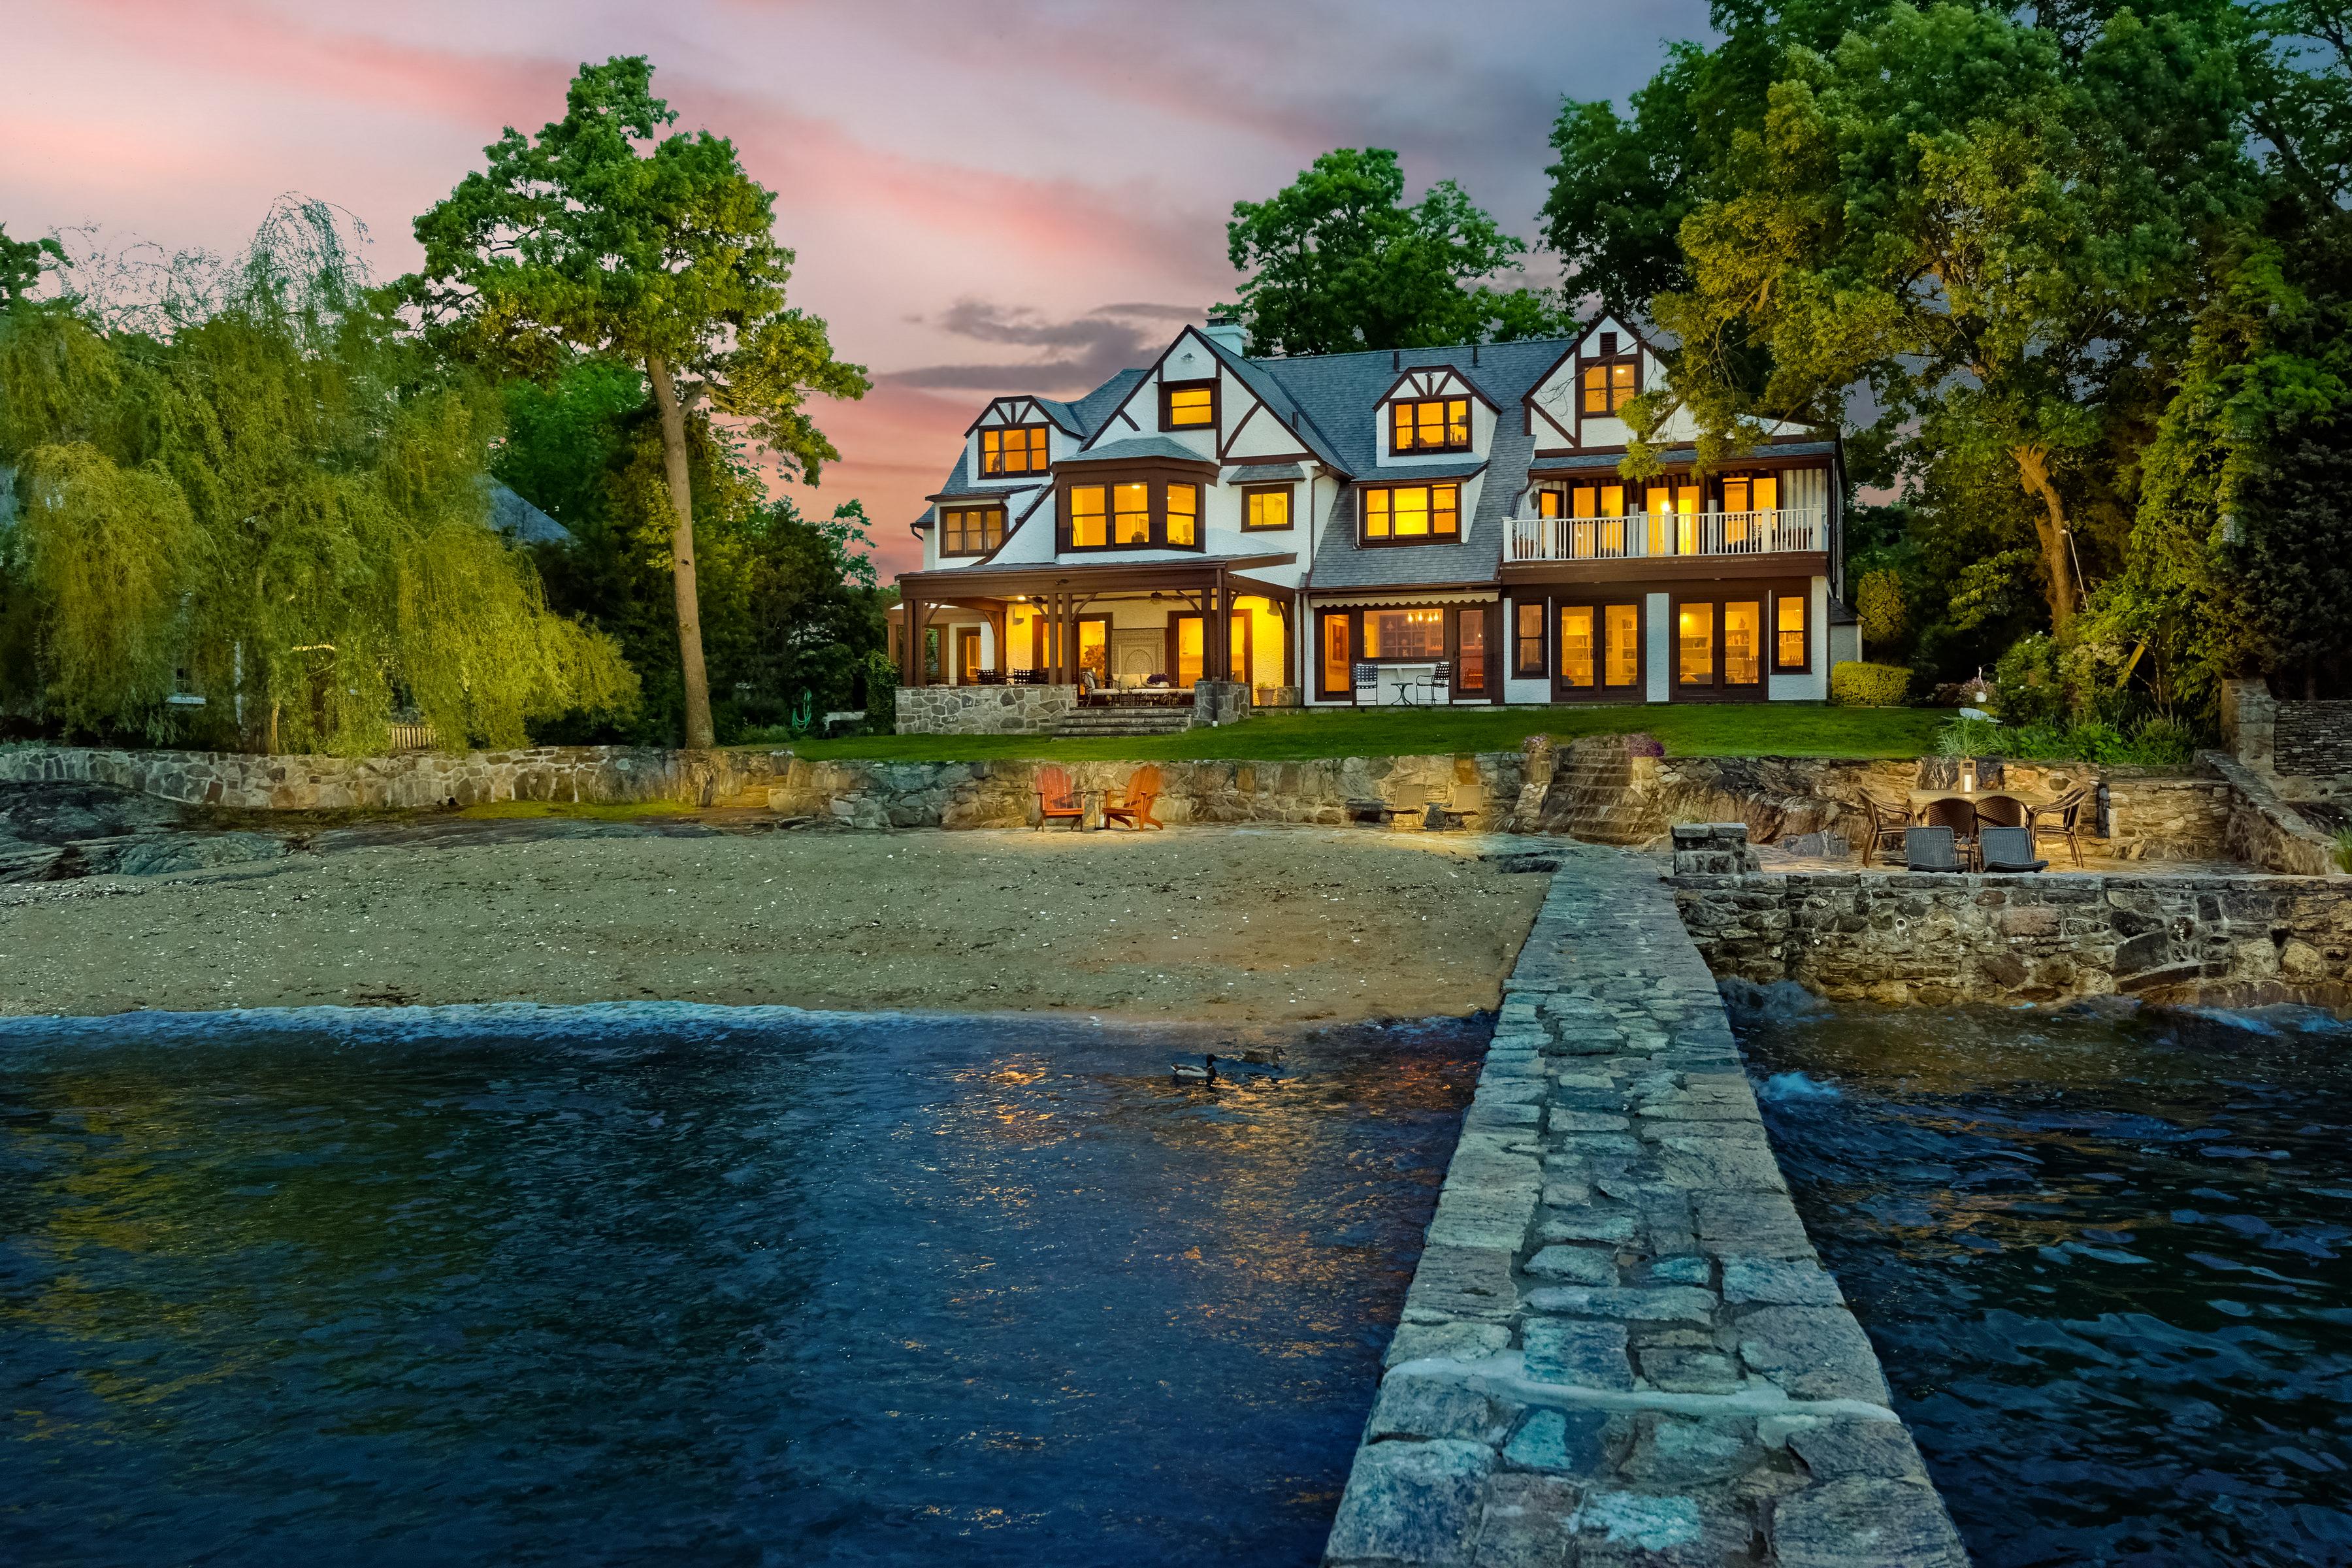 独户住宅 为 销售 在 3 Shore Road 拉伊, 纽约州, 10580 美国